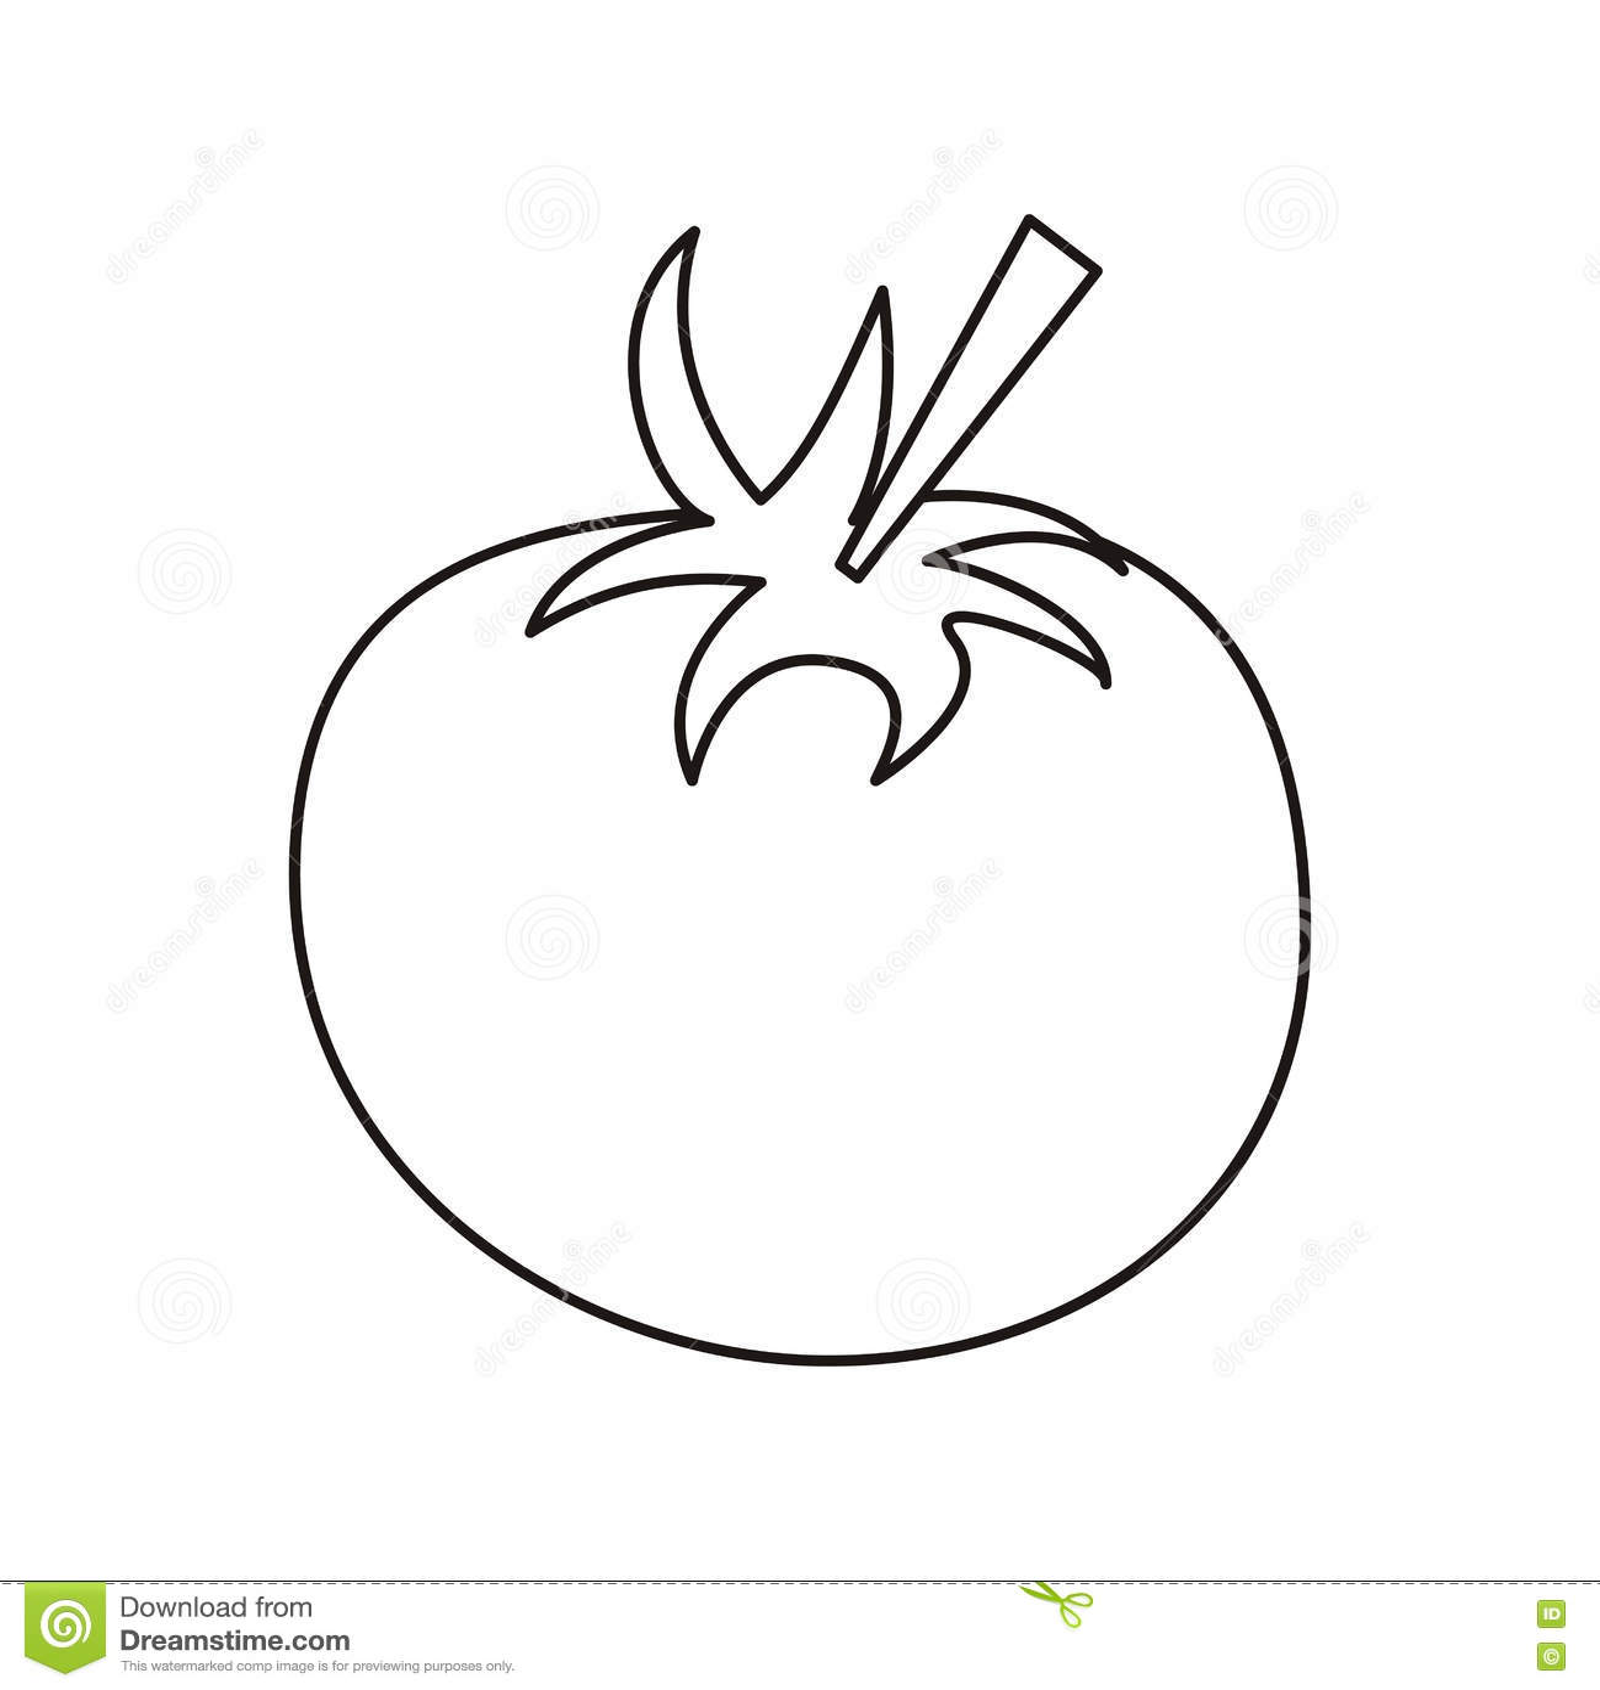 Clipart Tomato